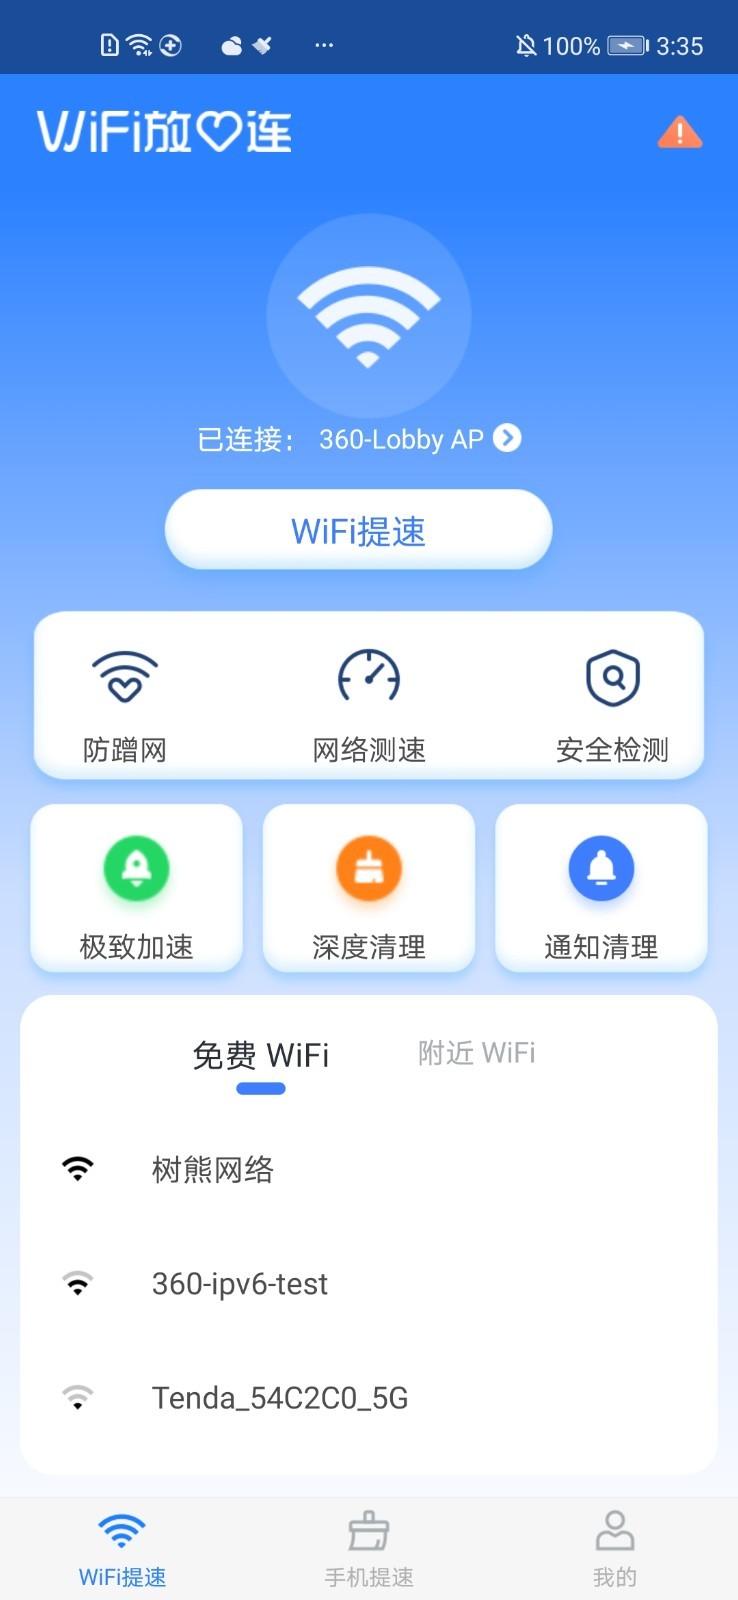 WiFi放心连(2)